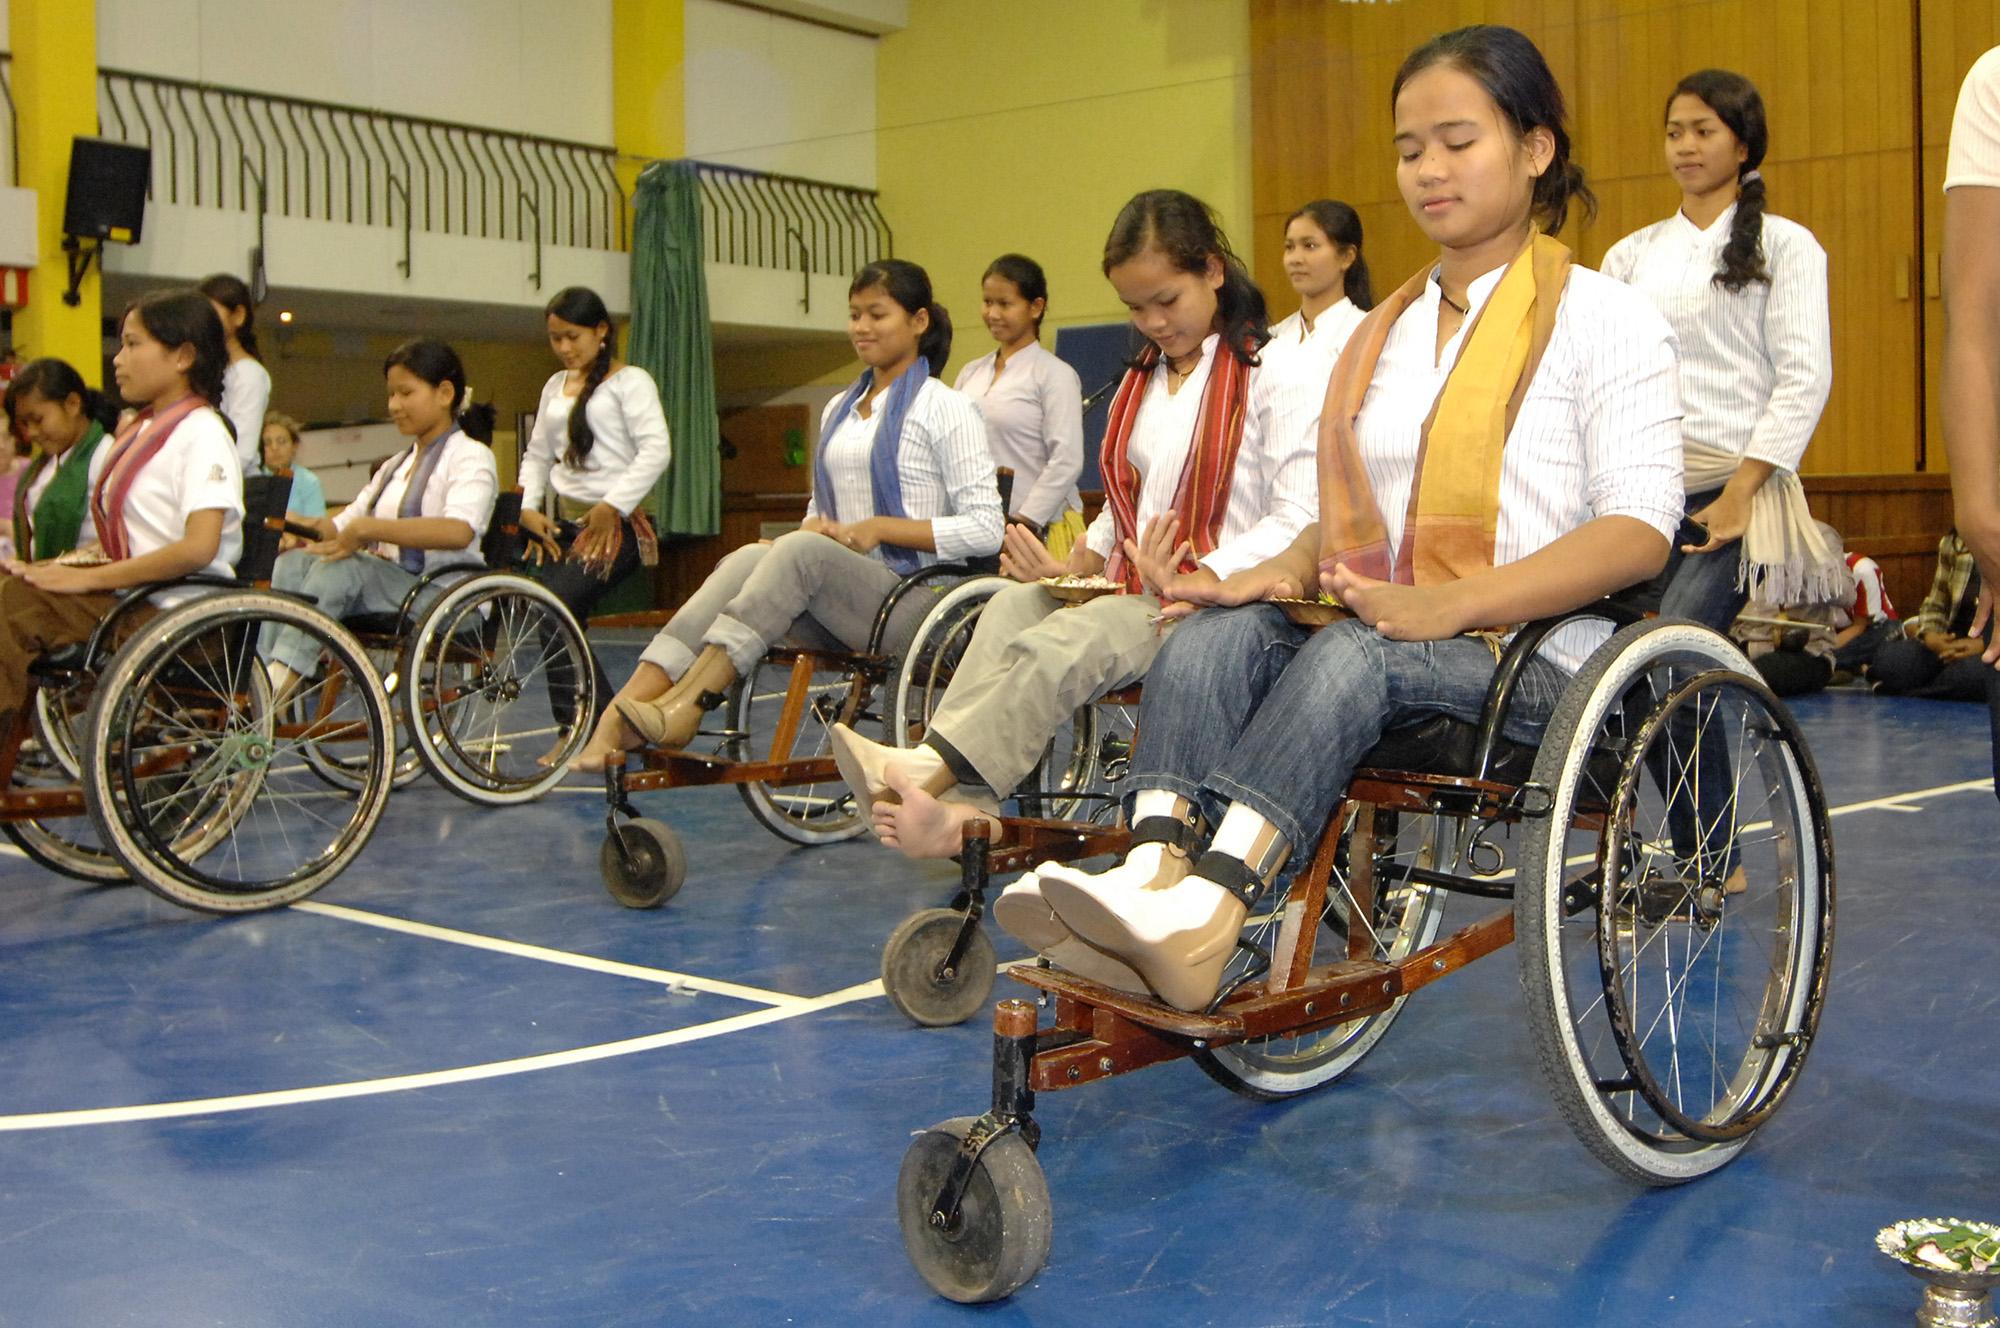 Niños camboyanos en silla de ruedas. foto: Carlos Monroy